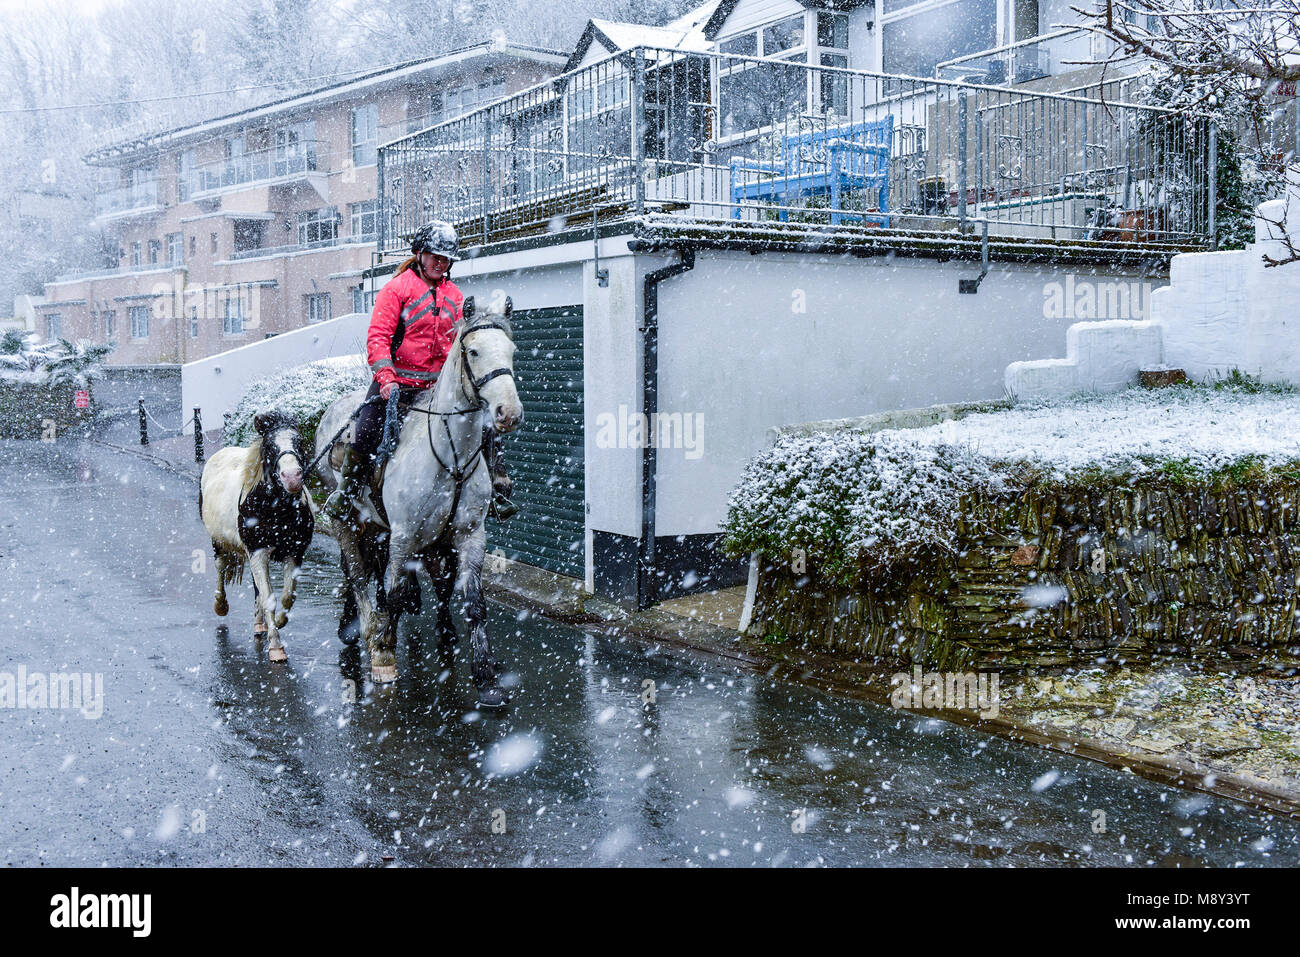 Un jinete montando a caballo a través de fuertes nevadas en Newquay, Cornwall. Imagen De Stock